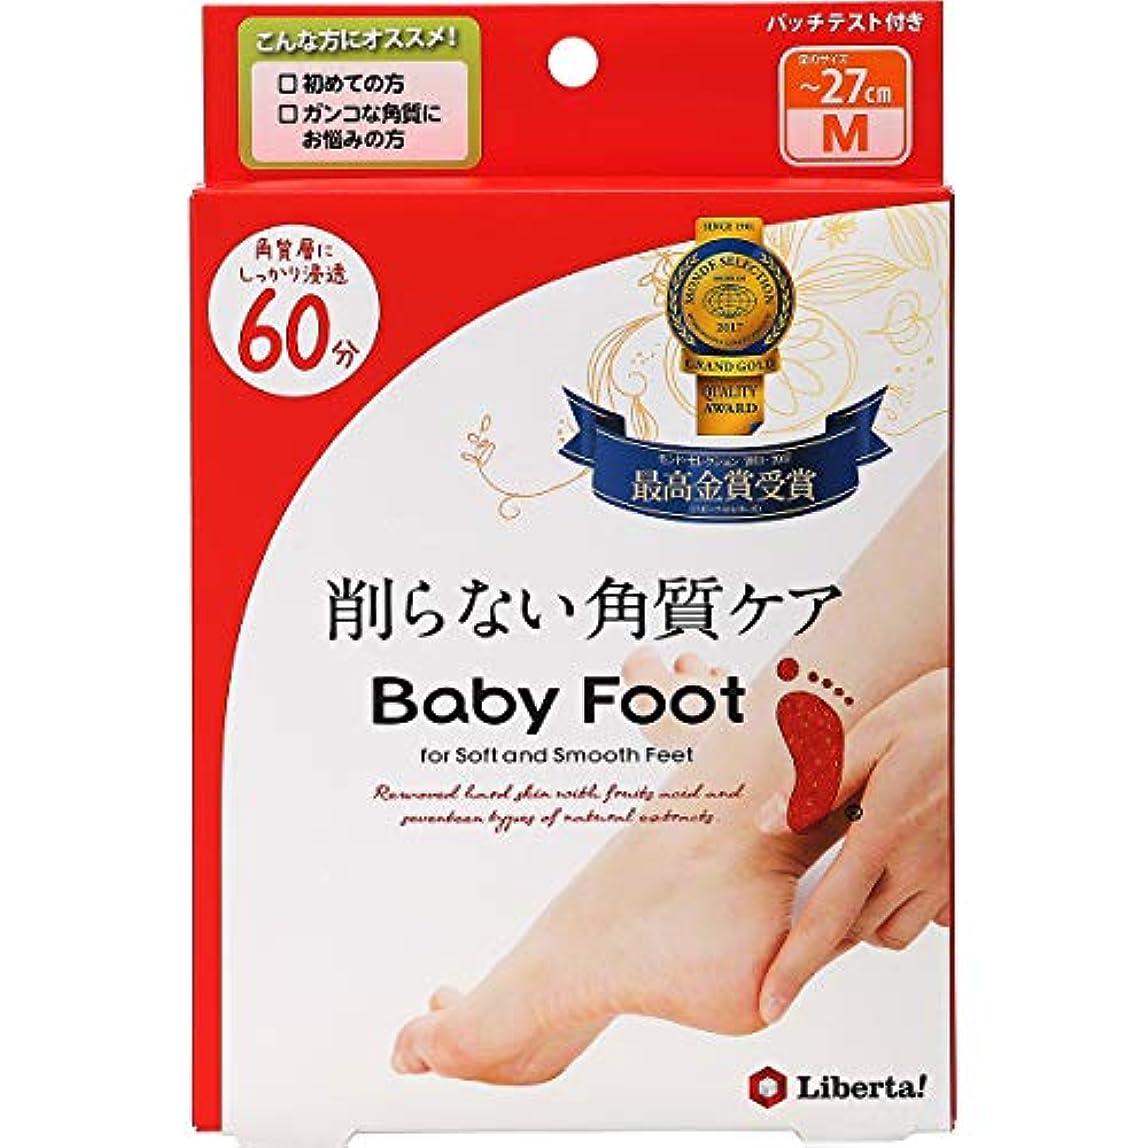 文献備品講義ベビーフット (Baby Foot) ベビーフット イージーパック SPT60分タイプ Mサイズ 単品